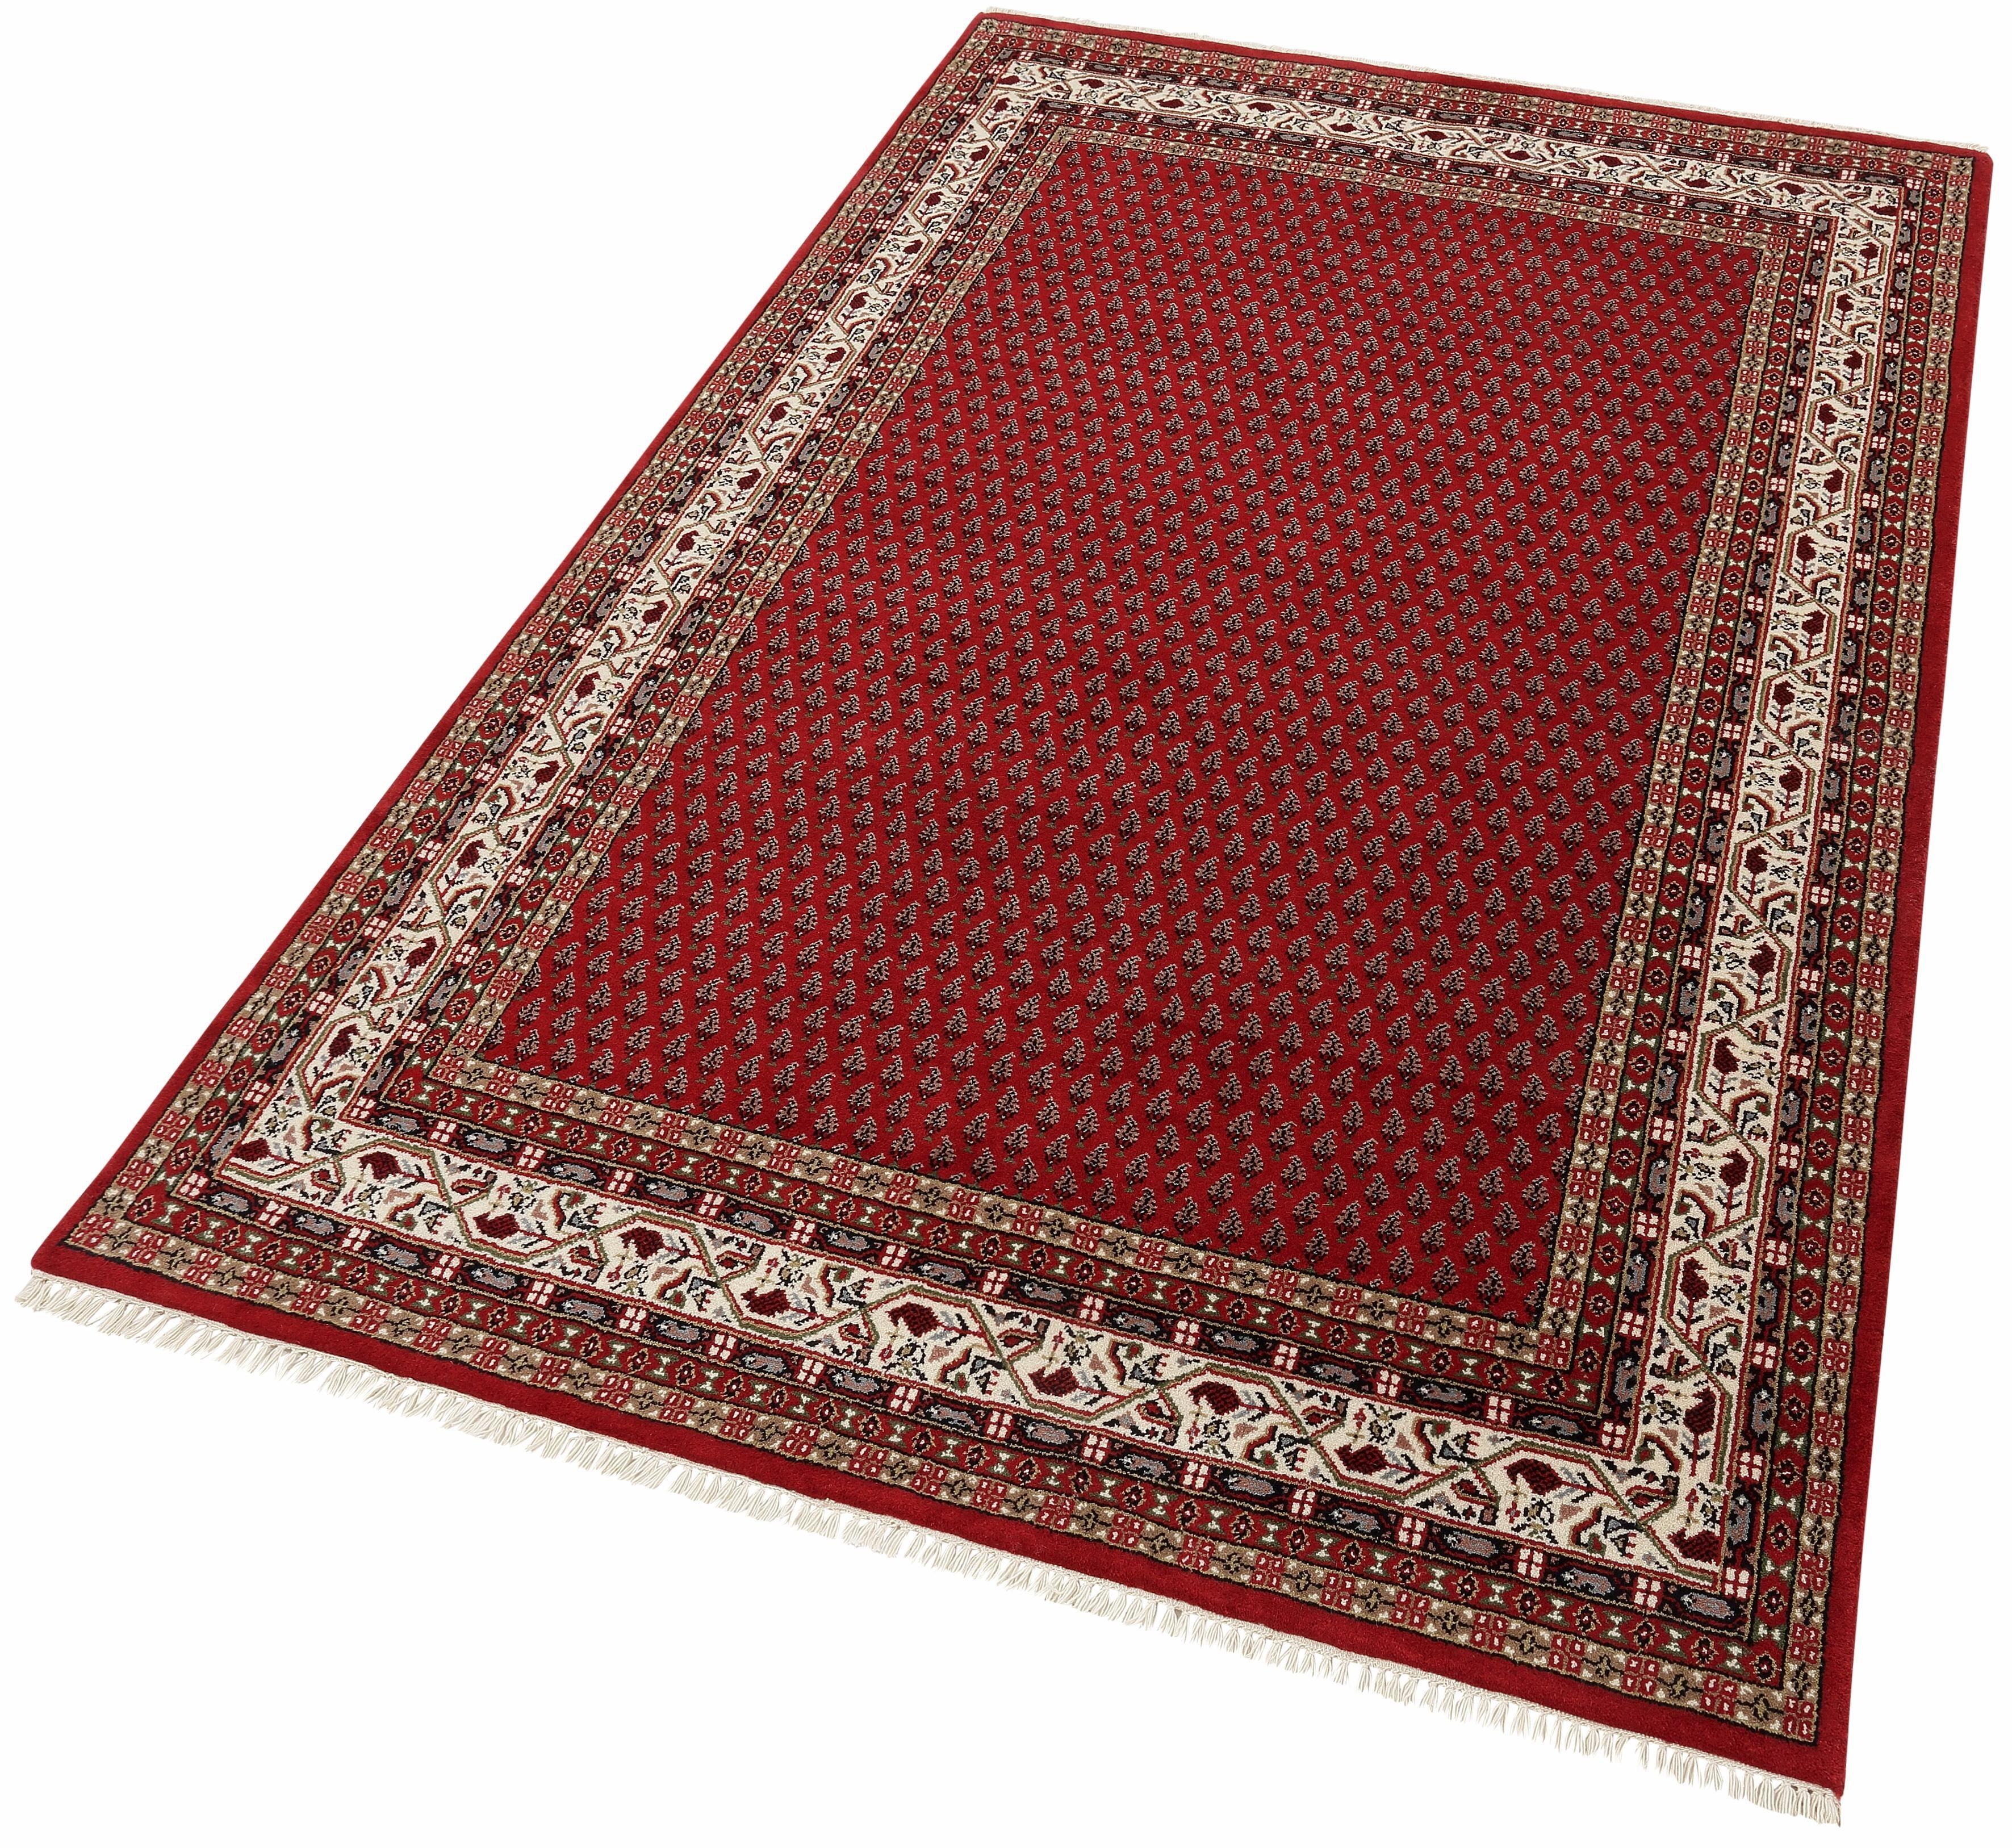 Orientteppich »Chandi Mir«, THEKO, rechteckig, Höhe 12 mm, von Hand geknüpft | Heimtextilien > Teppiche > Orientteppiche | Wolle | THEKO